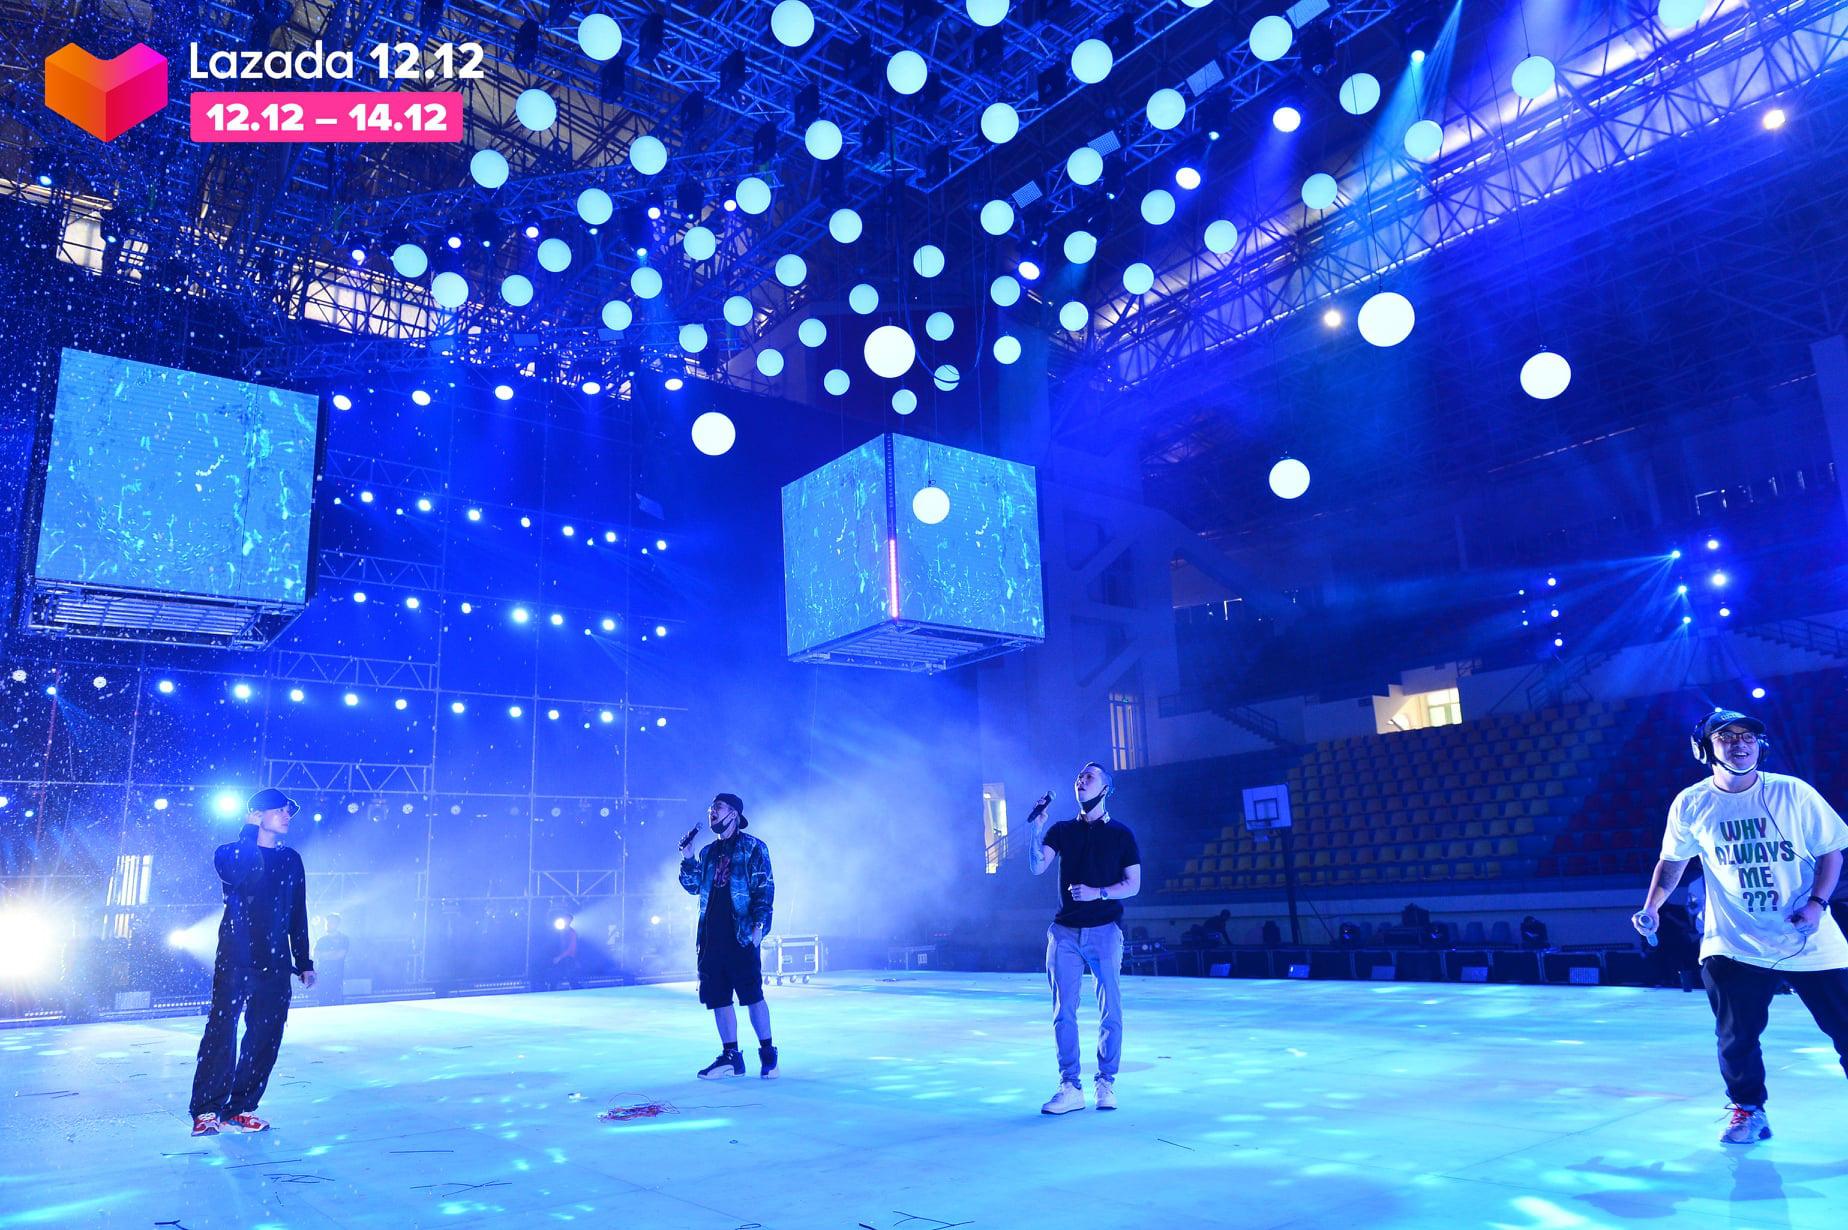 Sân khấu Lazada 12.12 Super Show trước giờ G: Đen Vâu, Jack, Dế Choắt... tích cực tập luyện, hứa hẹn một đêm nhạc hội đã tai, đã mắt - Ảnh 3.